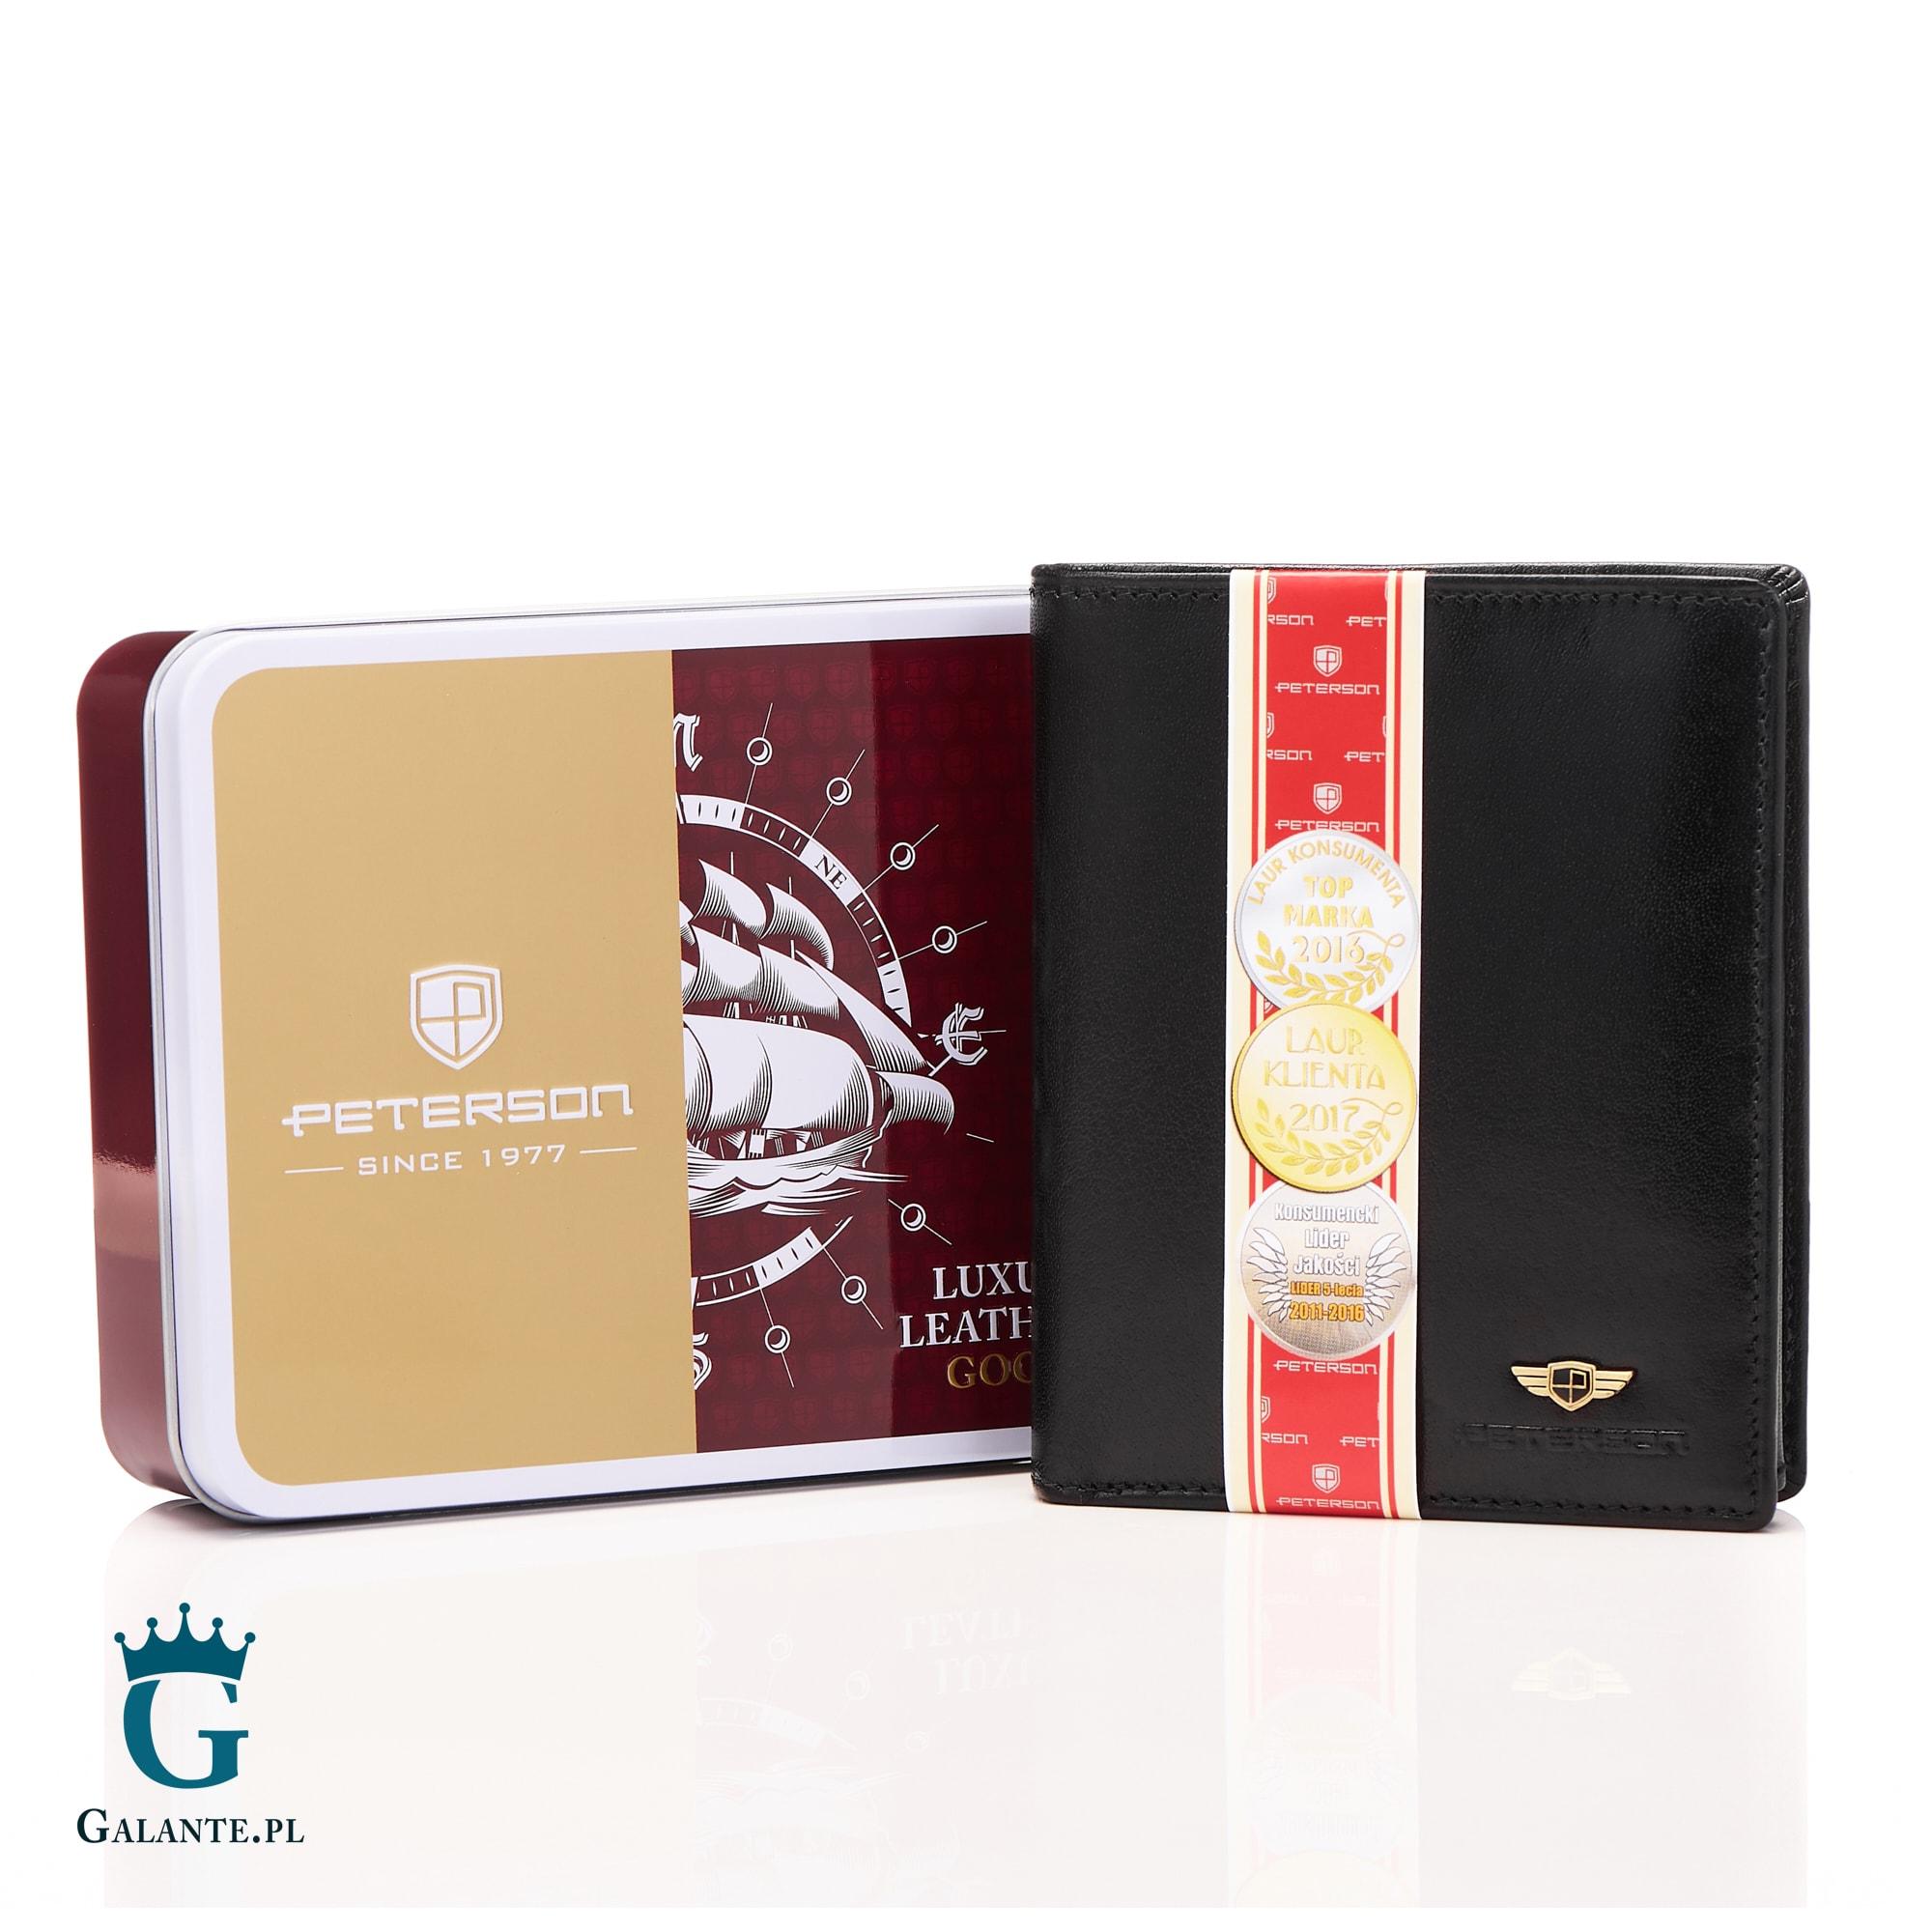 1c6390b97c9af Duży portfel męski czarny Peterson 301 to klasyka. Pojemny i bardzo  rozbudowany